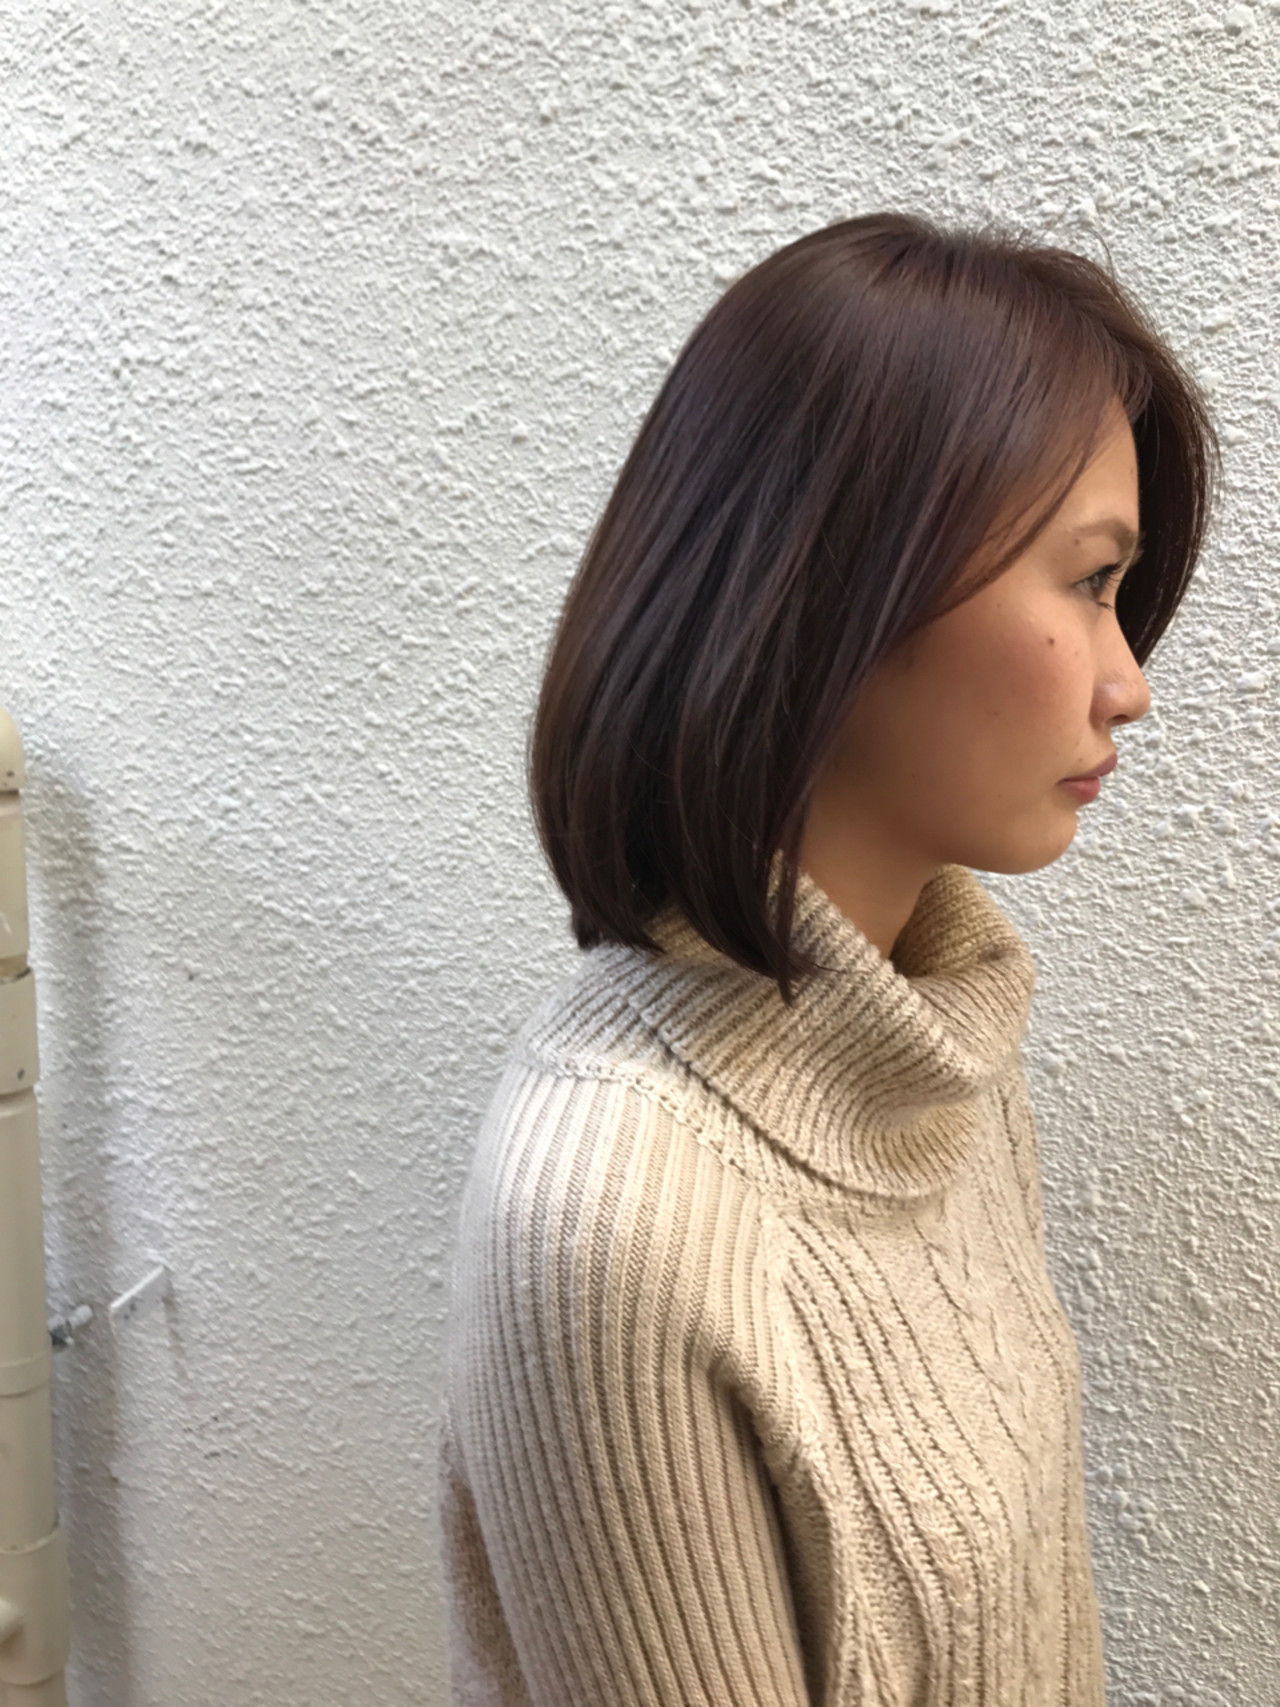 小顔 冬 色気 ナチュラル ヘアスタイルや髪型の写真・画像 | 高田 紘希 / Rr hair salon